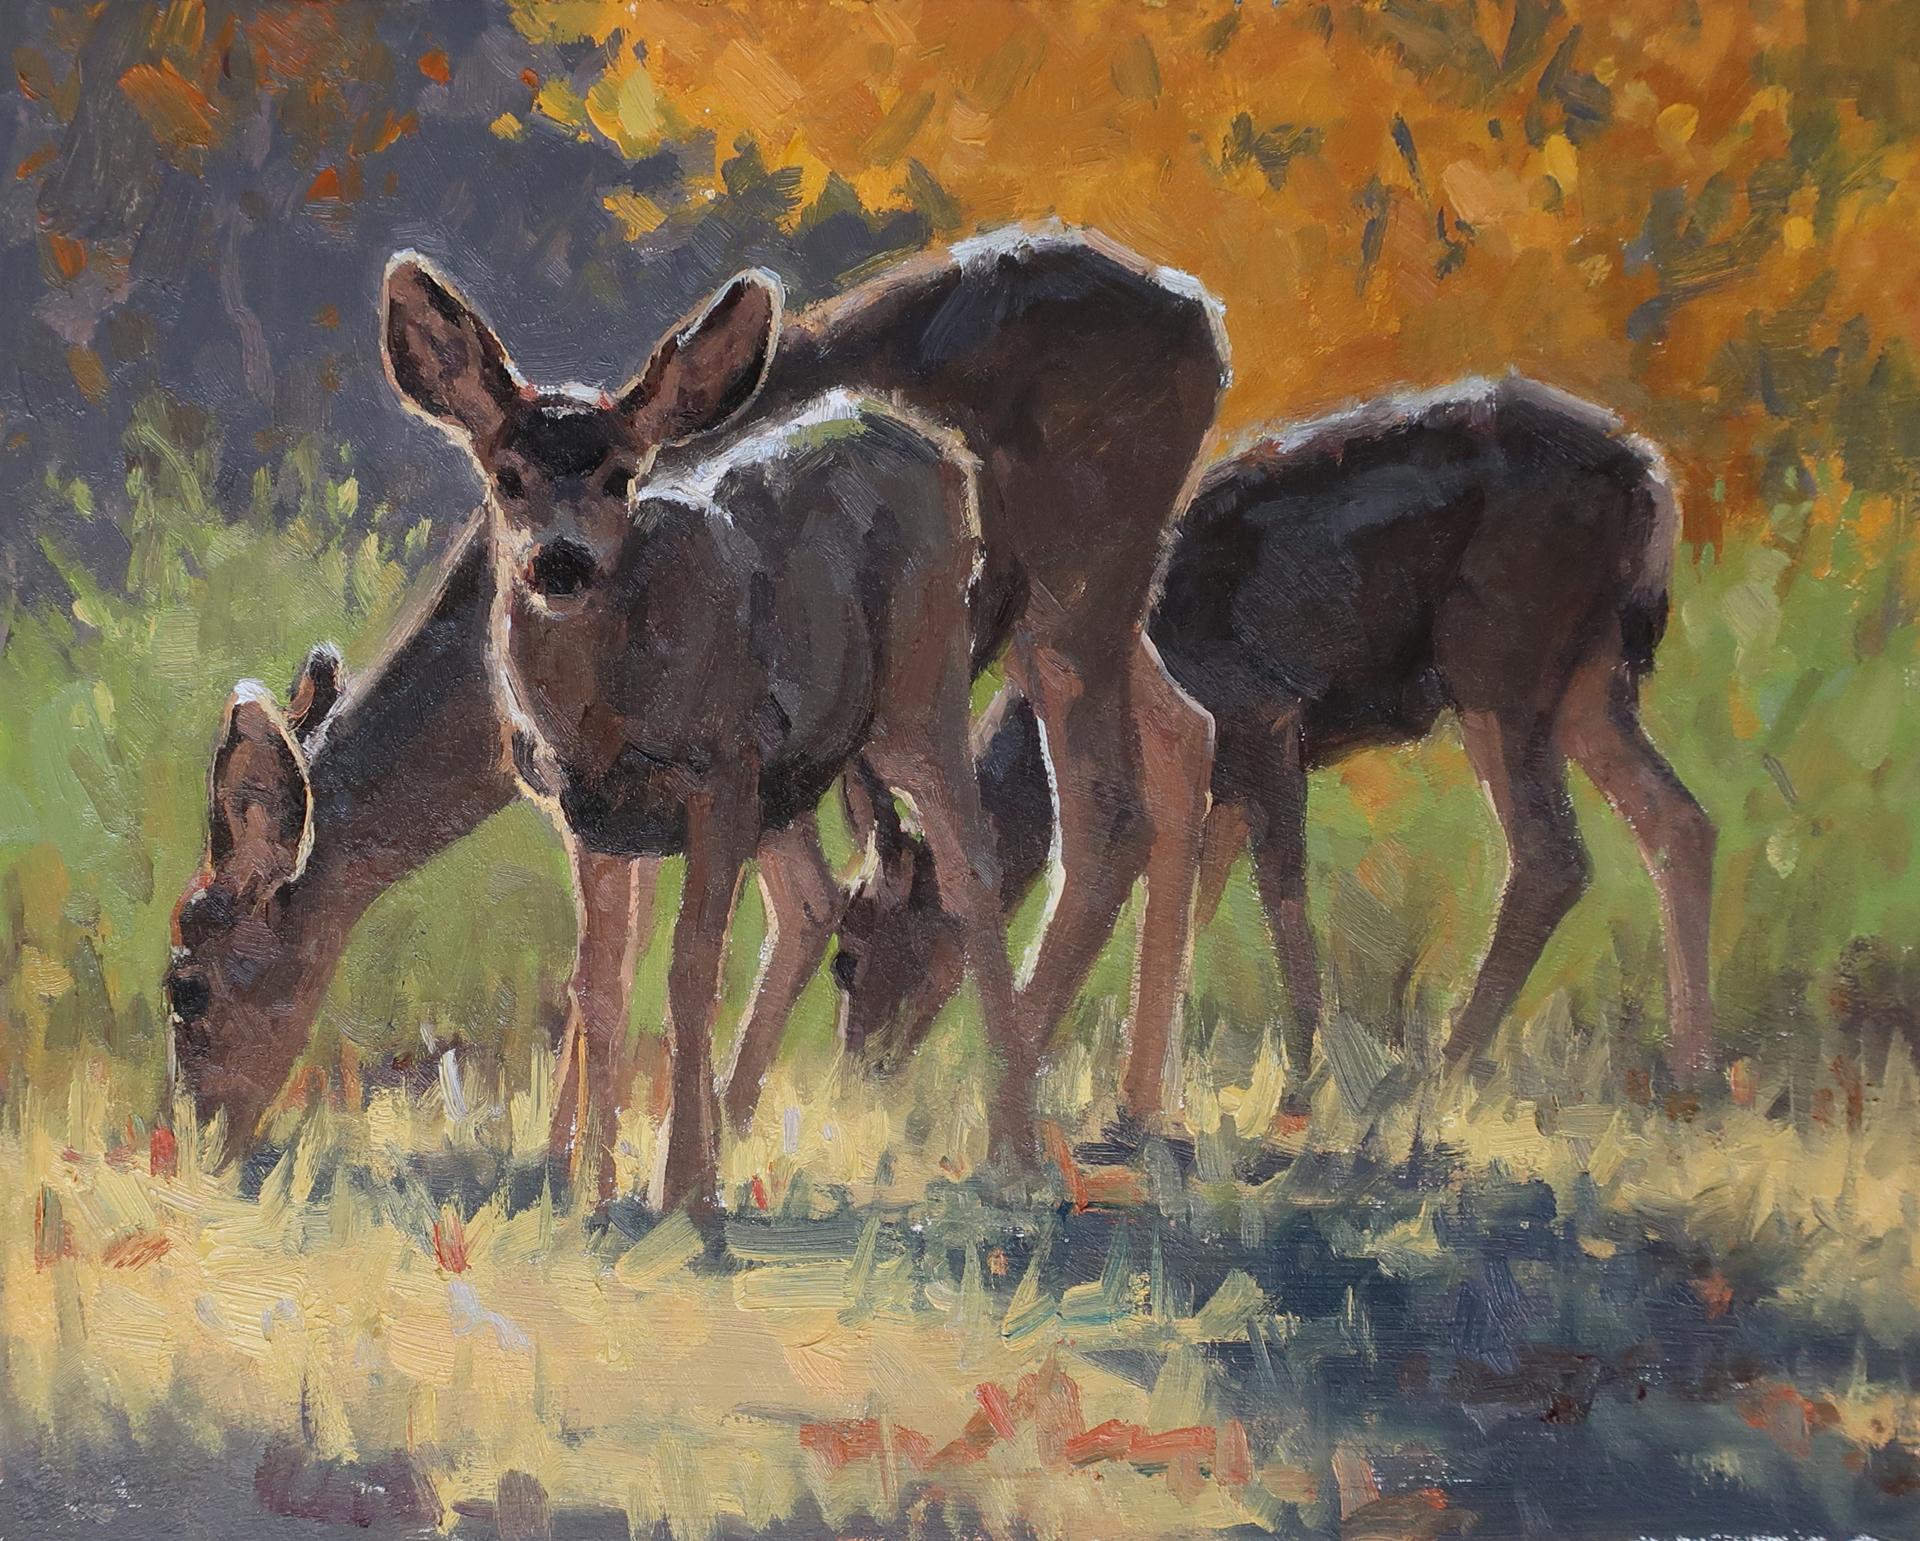 Mule Deer by Tiffany Stevenson